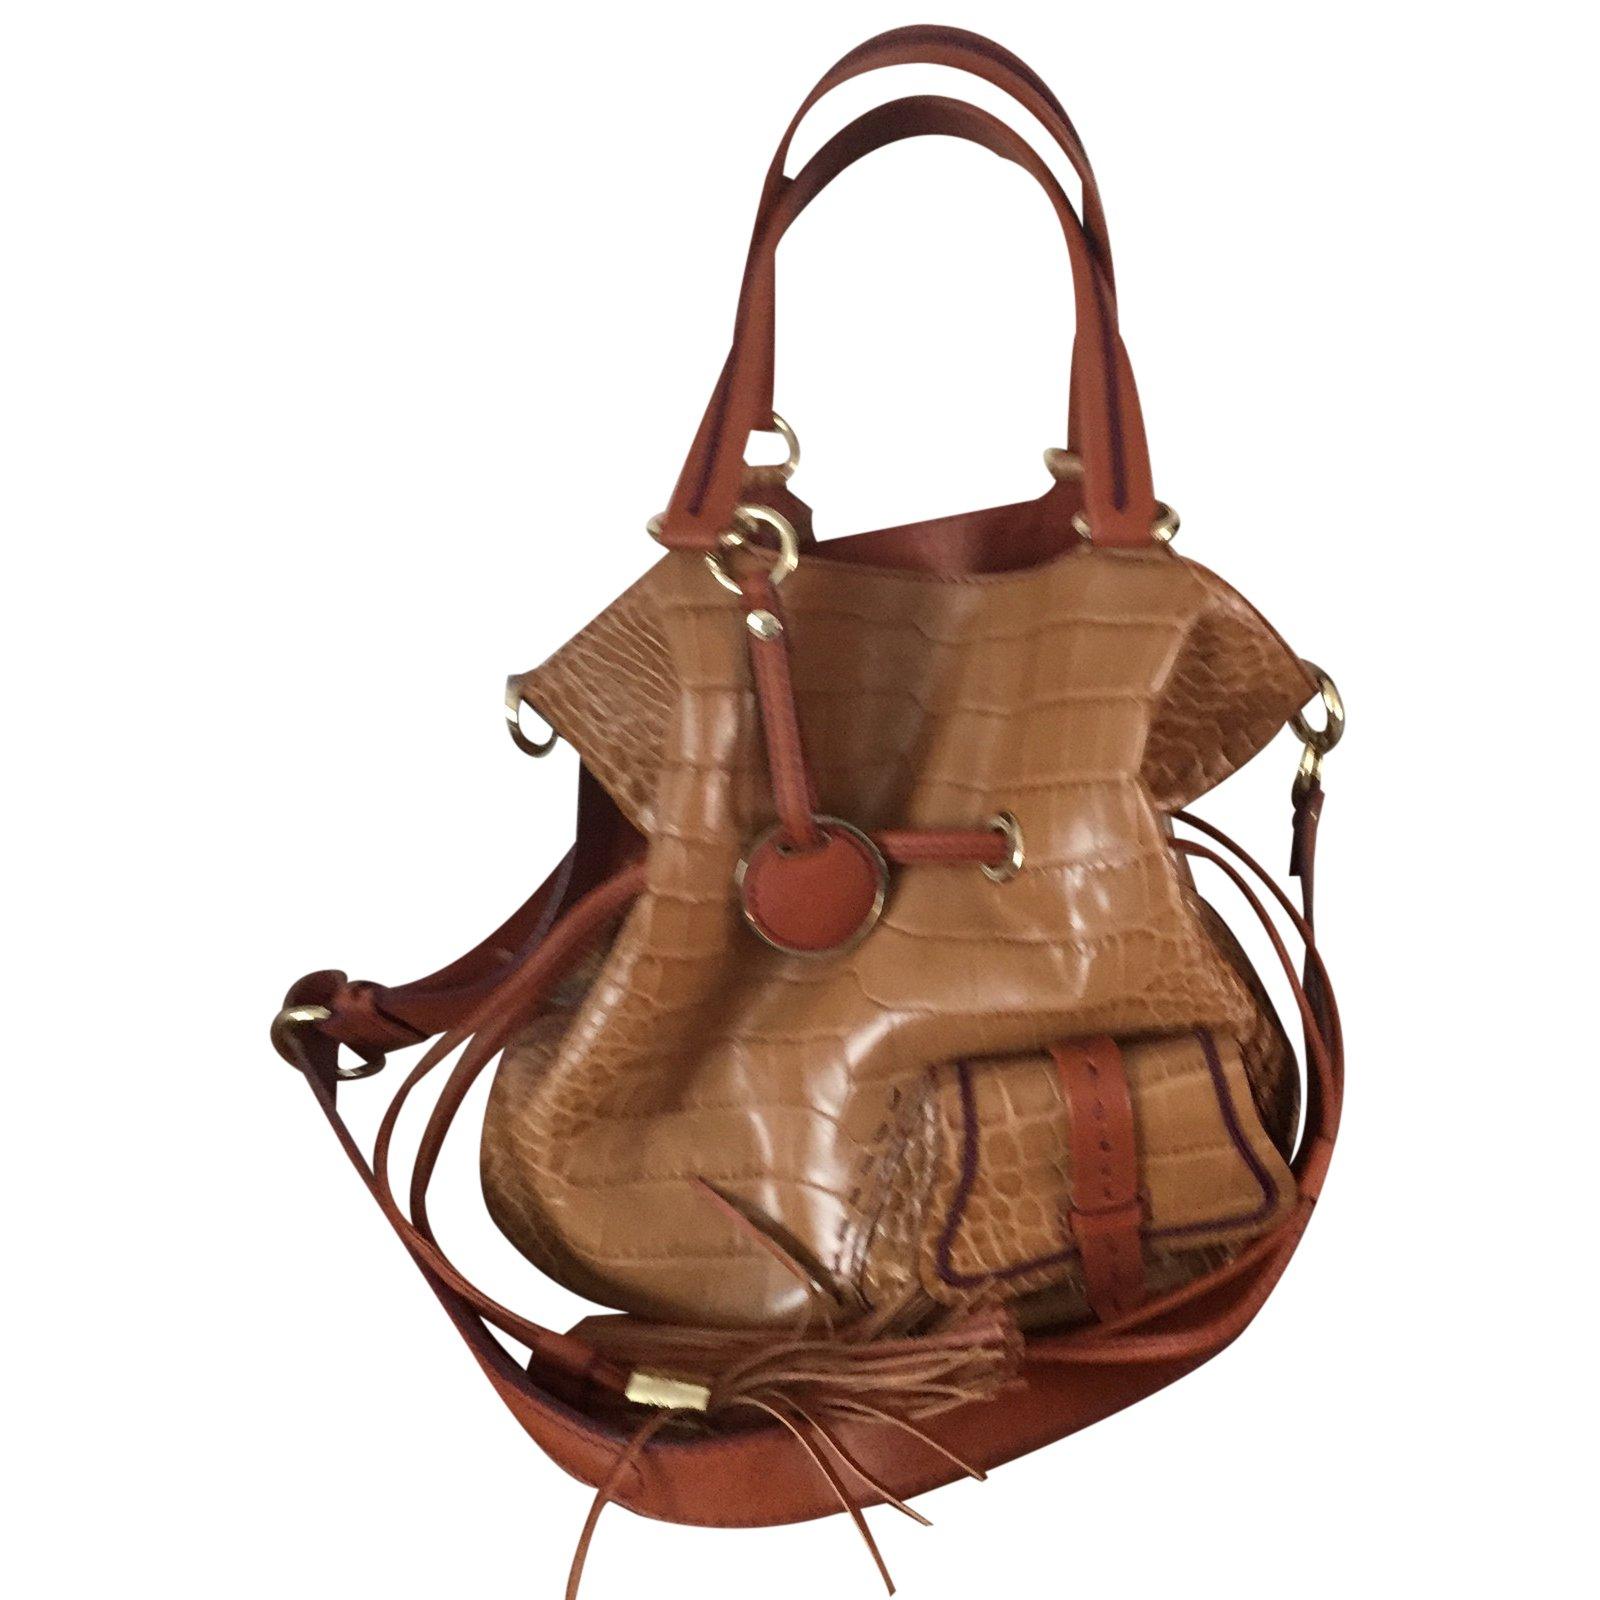 sac lancel premier flirt occasion Sac lancel à vendre ou acheter d'occasion : 40 annonces en belgique parfait parfait état sac style premier flirt de lancel cuir camel.